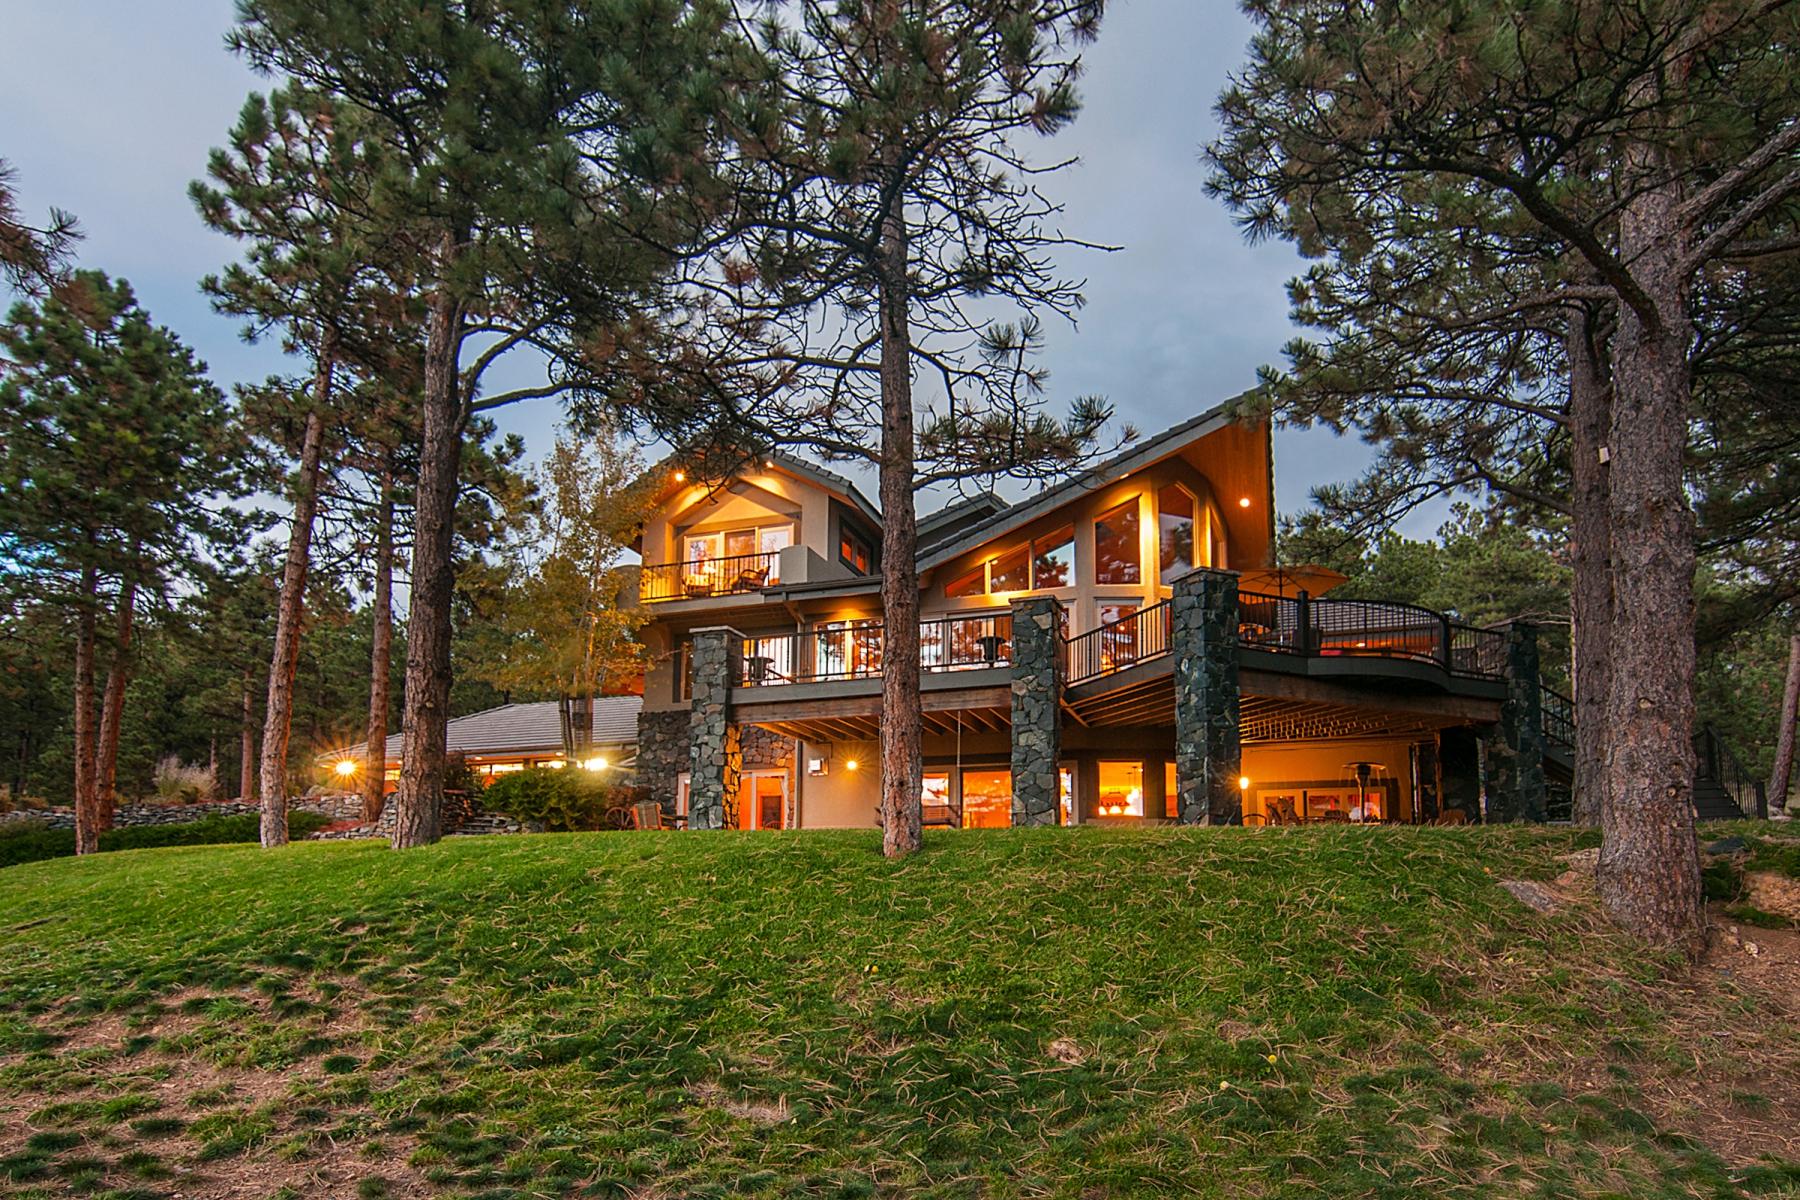 Частный односемейный дом для того Продажа на 1912 Sugarbush Drive Evergreen, Колорадо, 80439 Соединенные Штаты